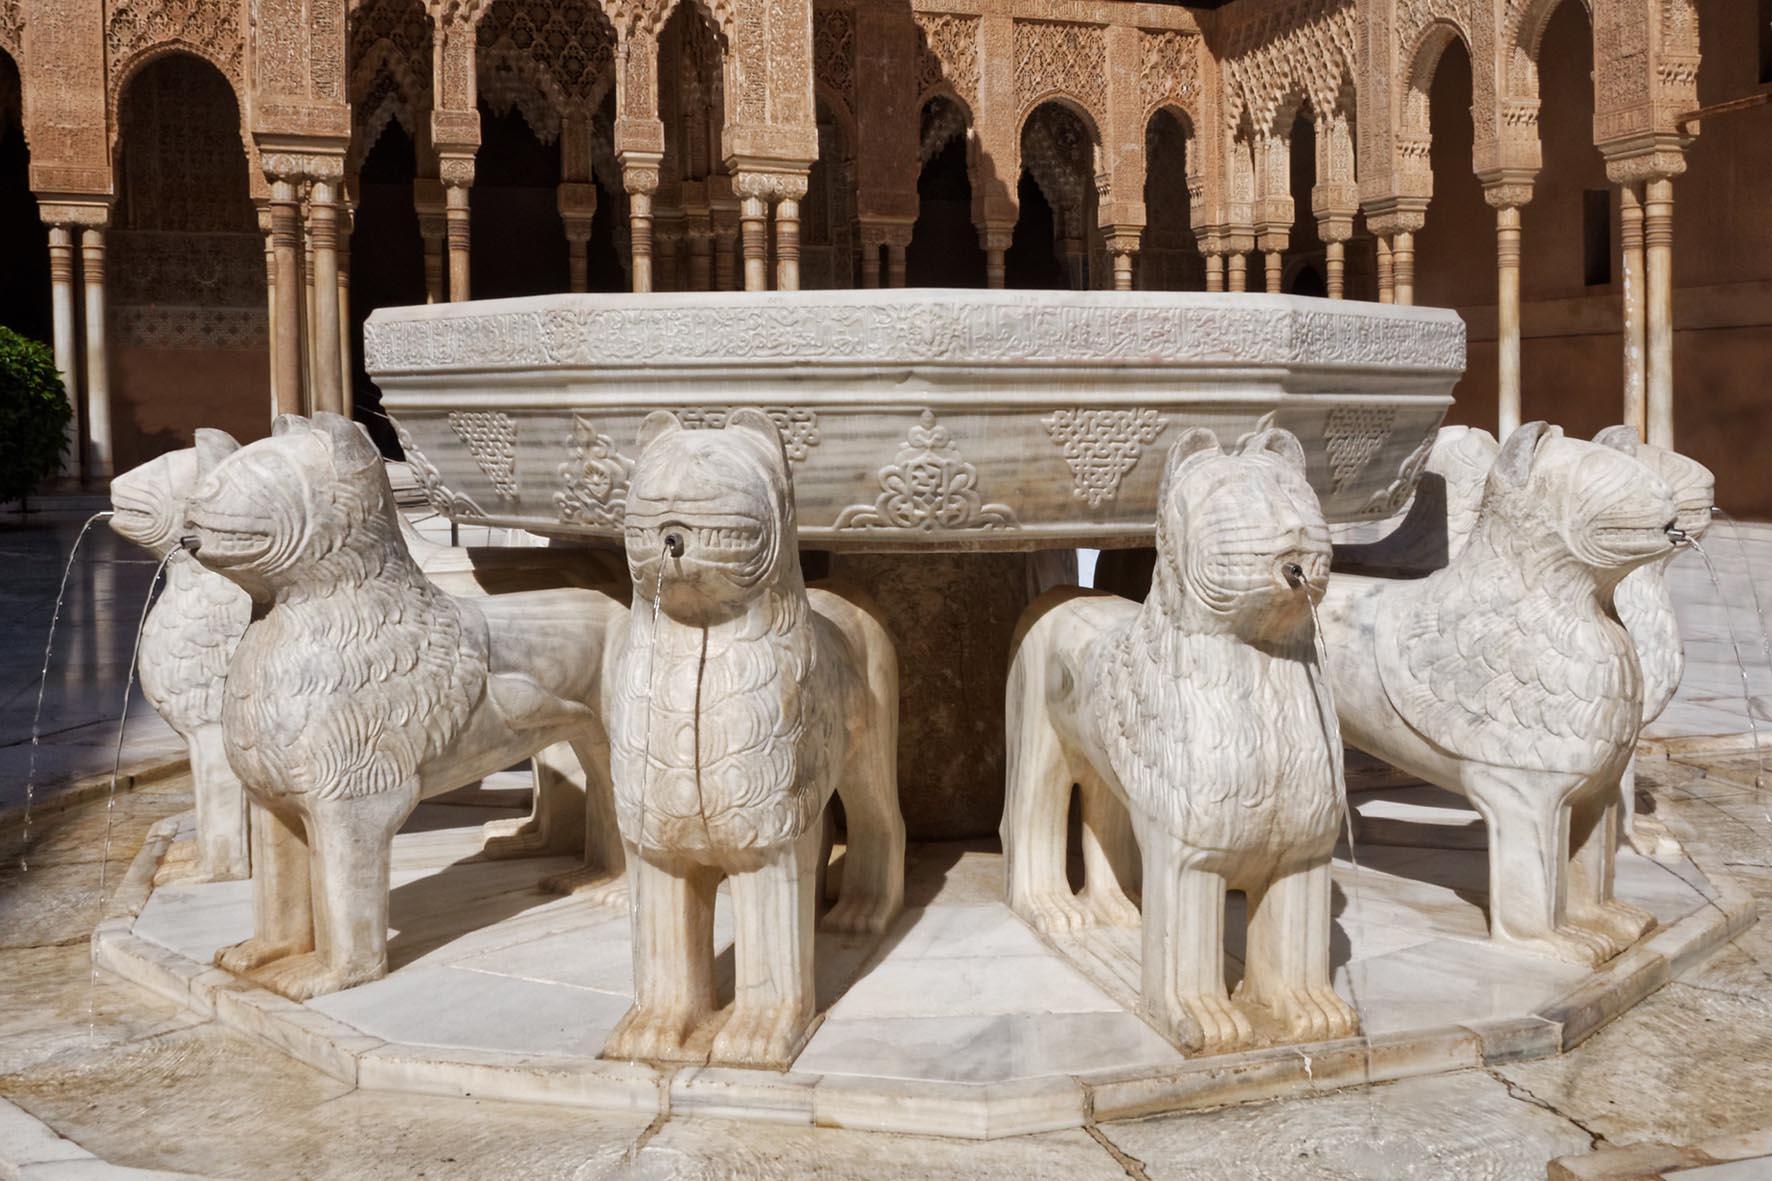 Planes de conservación preventiva - Proyectos Culturales es gestión del patrimonio cultural